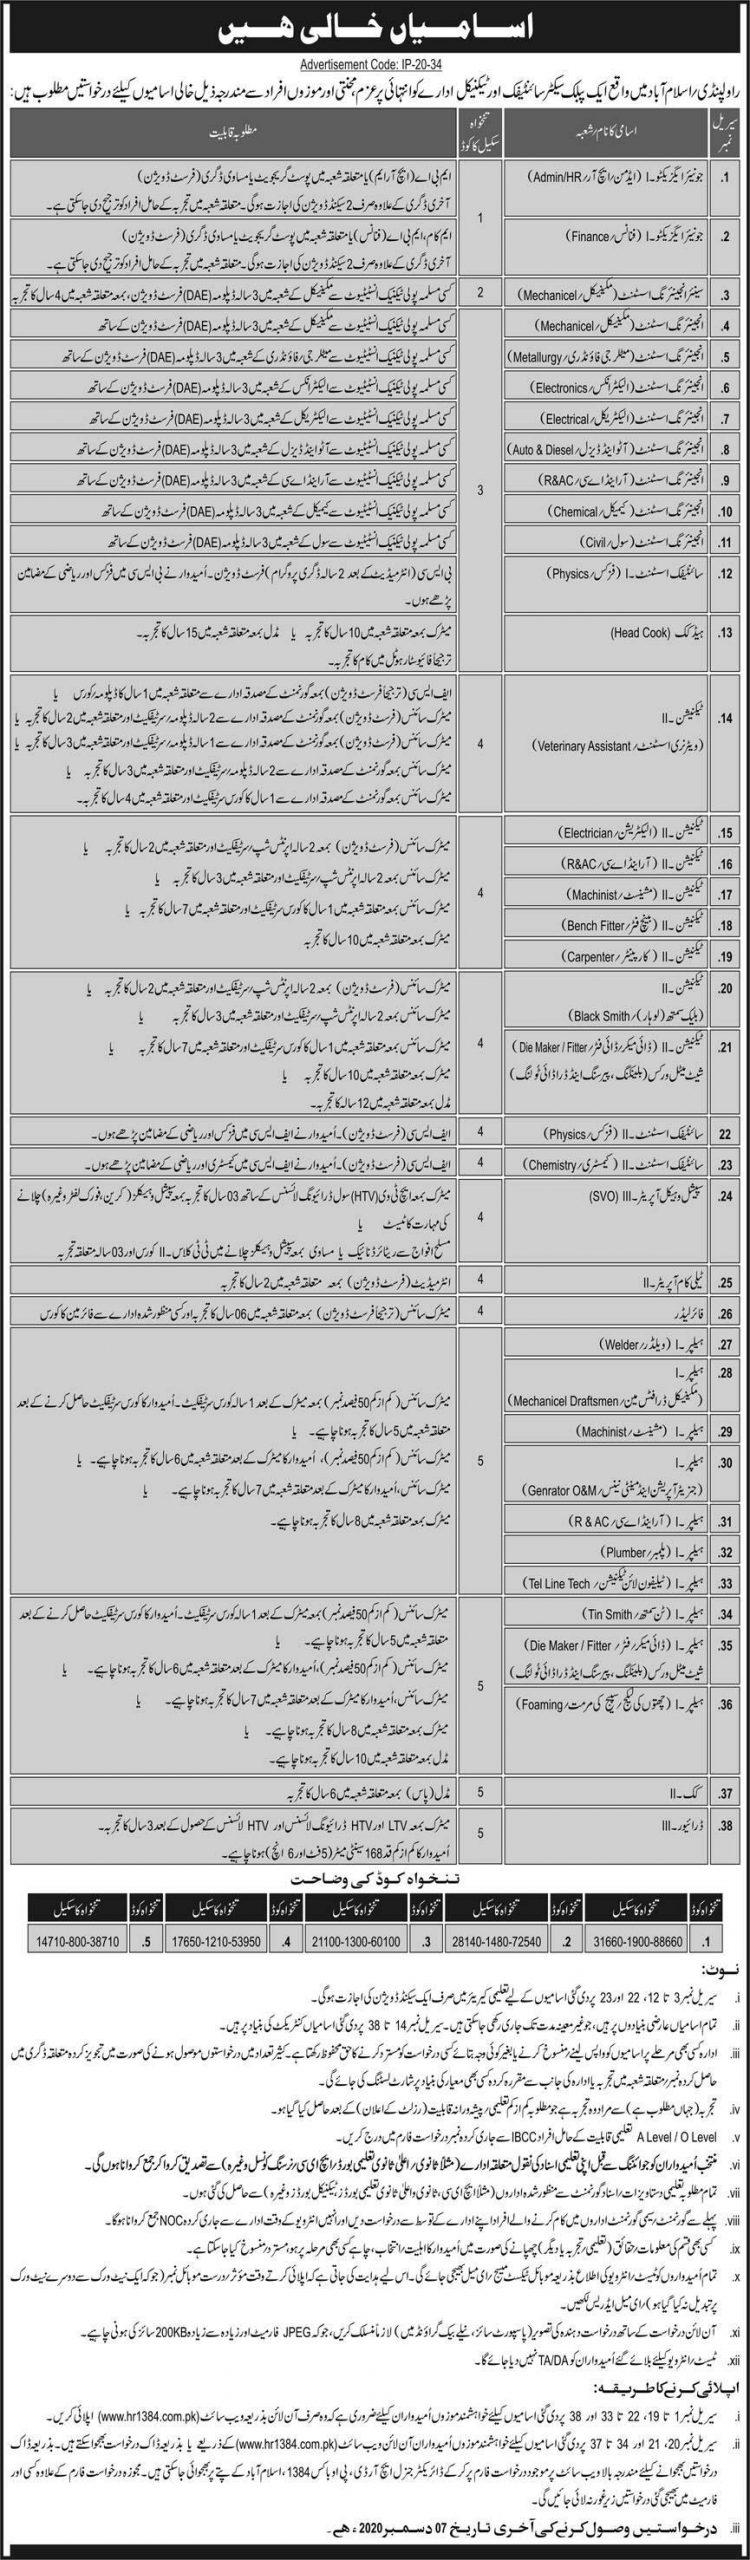 P.O Box 1384 Islamabad Jobs 2020